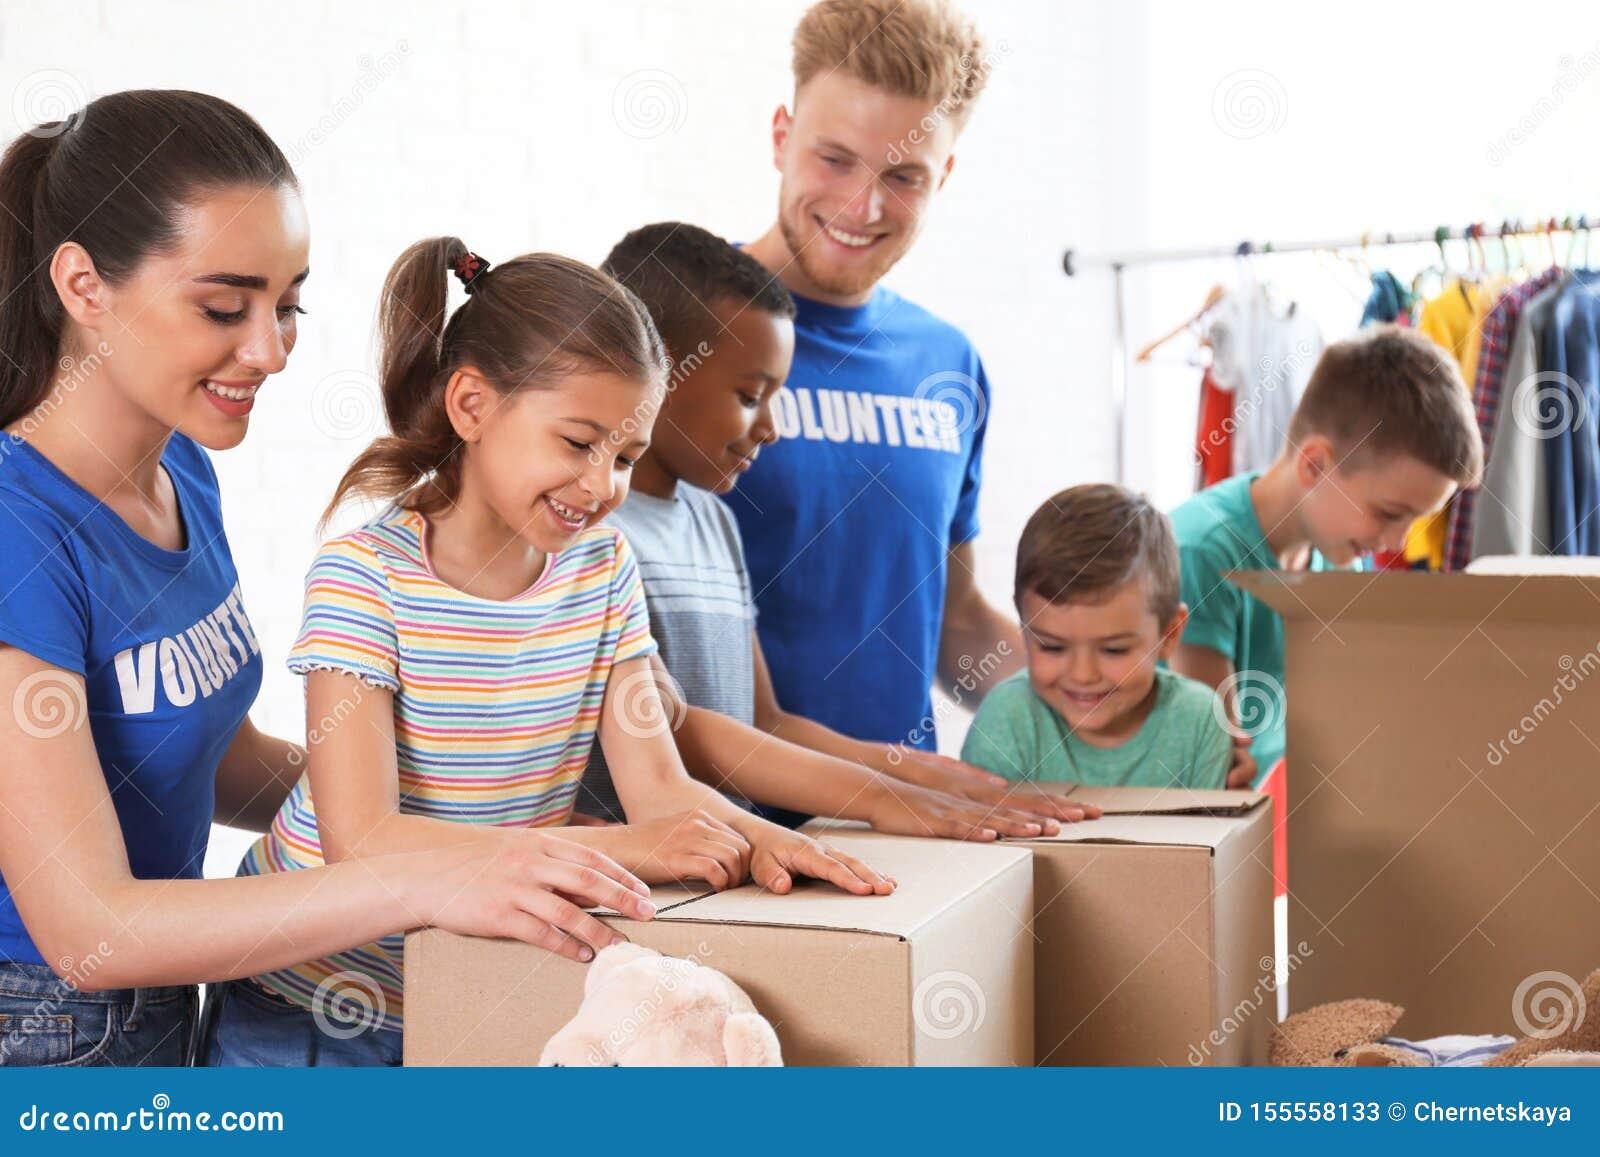 Wolontariuszi z dziecko darowizny towarami indoors